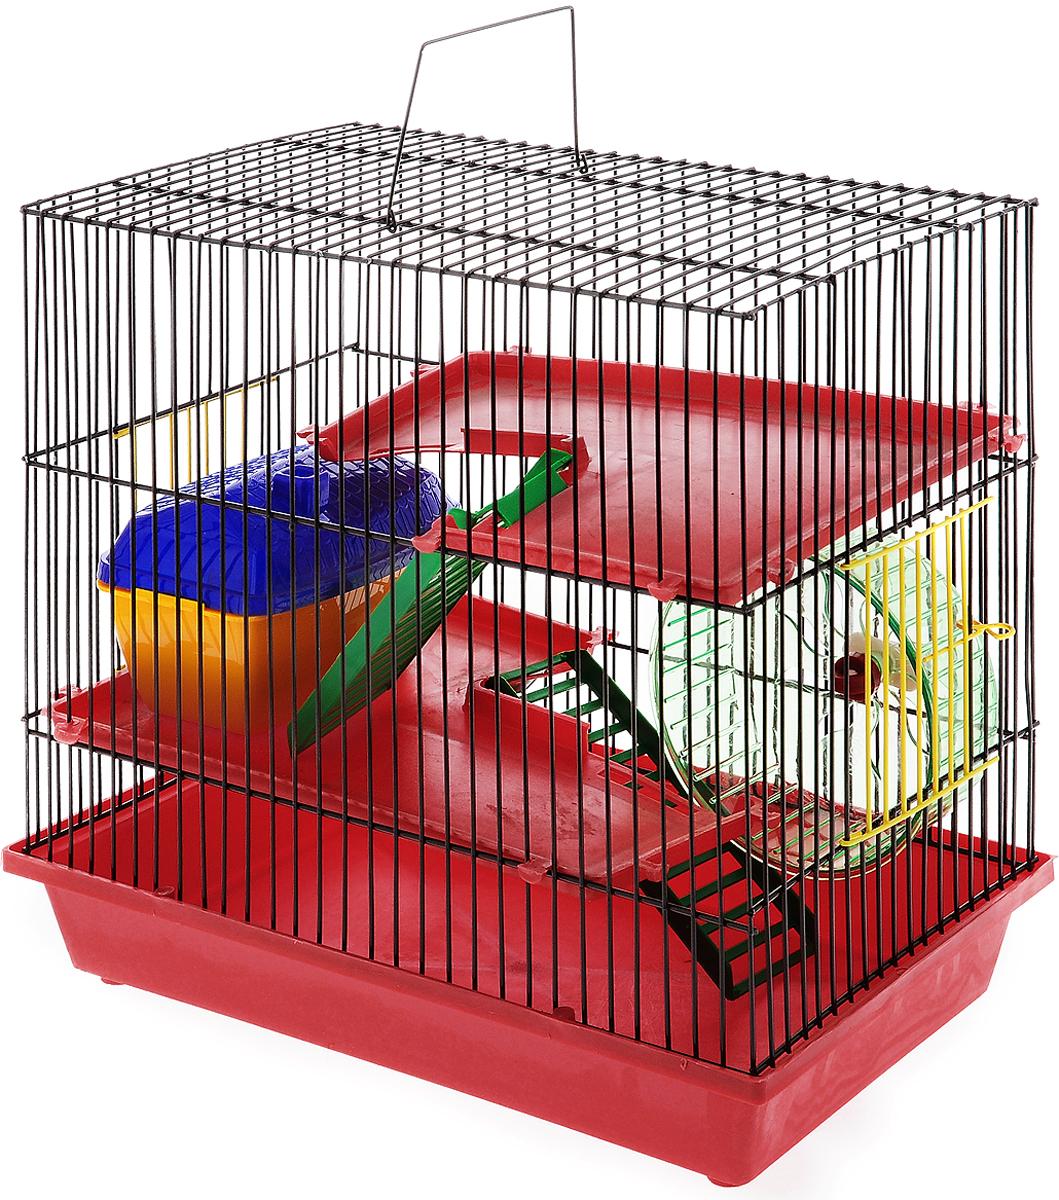 Клетка для грызунов ЗооМарк, 3-этажная, цвет: красный поддон, коричневая решетка, 36 х 22,5 х 34 см0120710Клетка ЗооМарк, выполненная из полипропилена и металла, подходит для мелких грызунов. Изделие трехэтажное, оборудовано колесом для подвижных игр и пластиковым домиком. Клетка имеет яркий поддон, удобна в использовании и легко чистится. Сверху имеется ручка для переноски, а сбоку удобная дверца. Такая клетка станет уединенным личным пространством и уютным домиком для маленького грызуна.